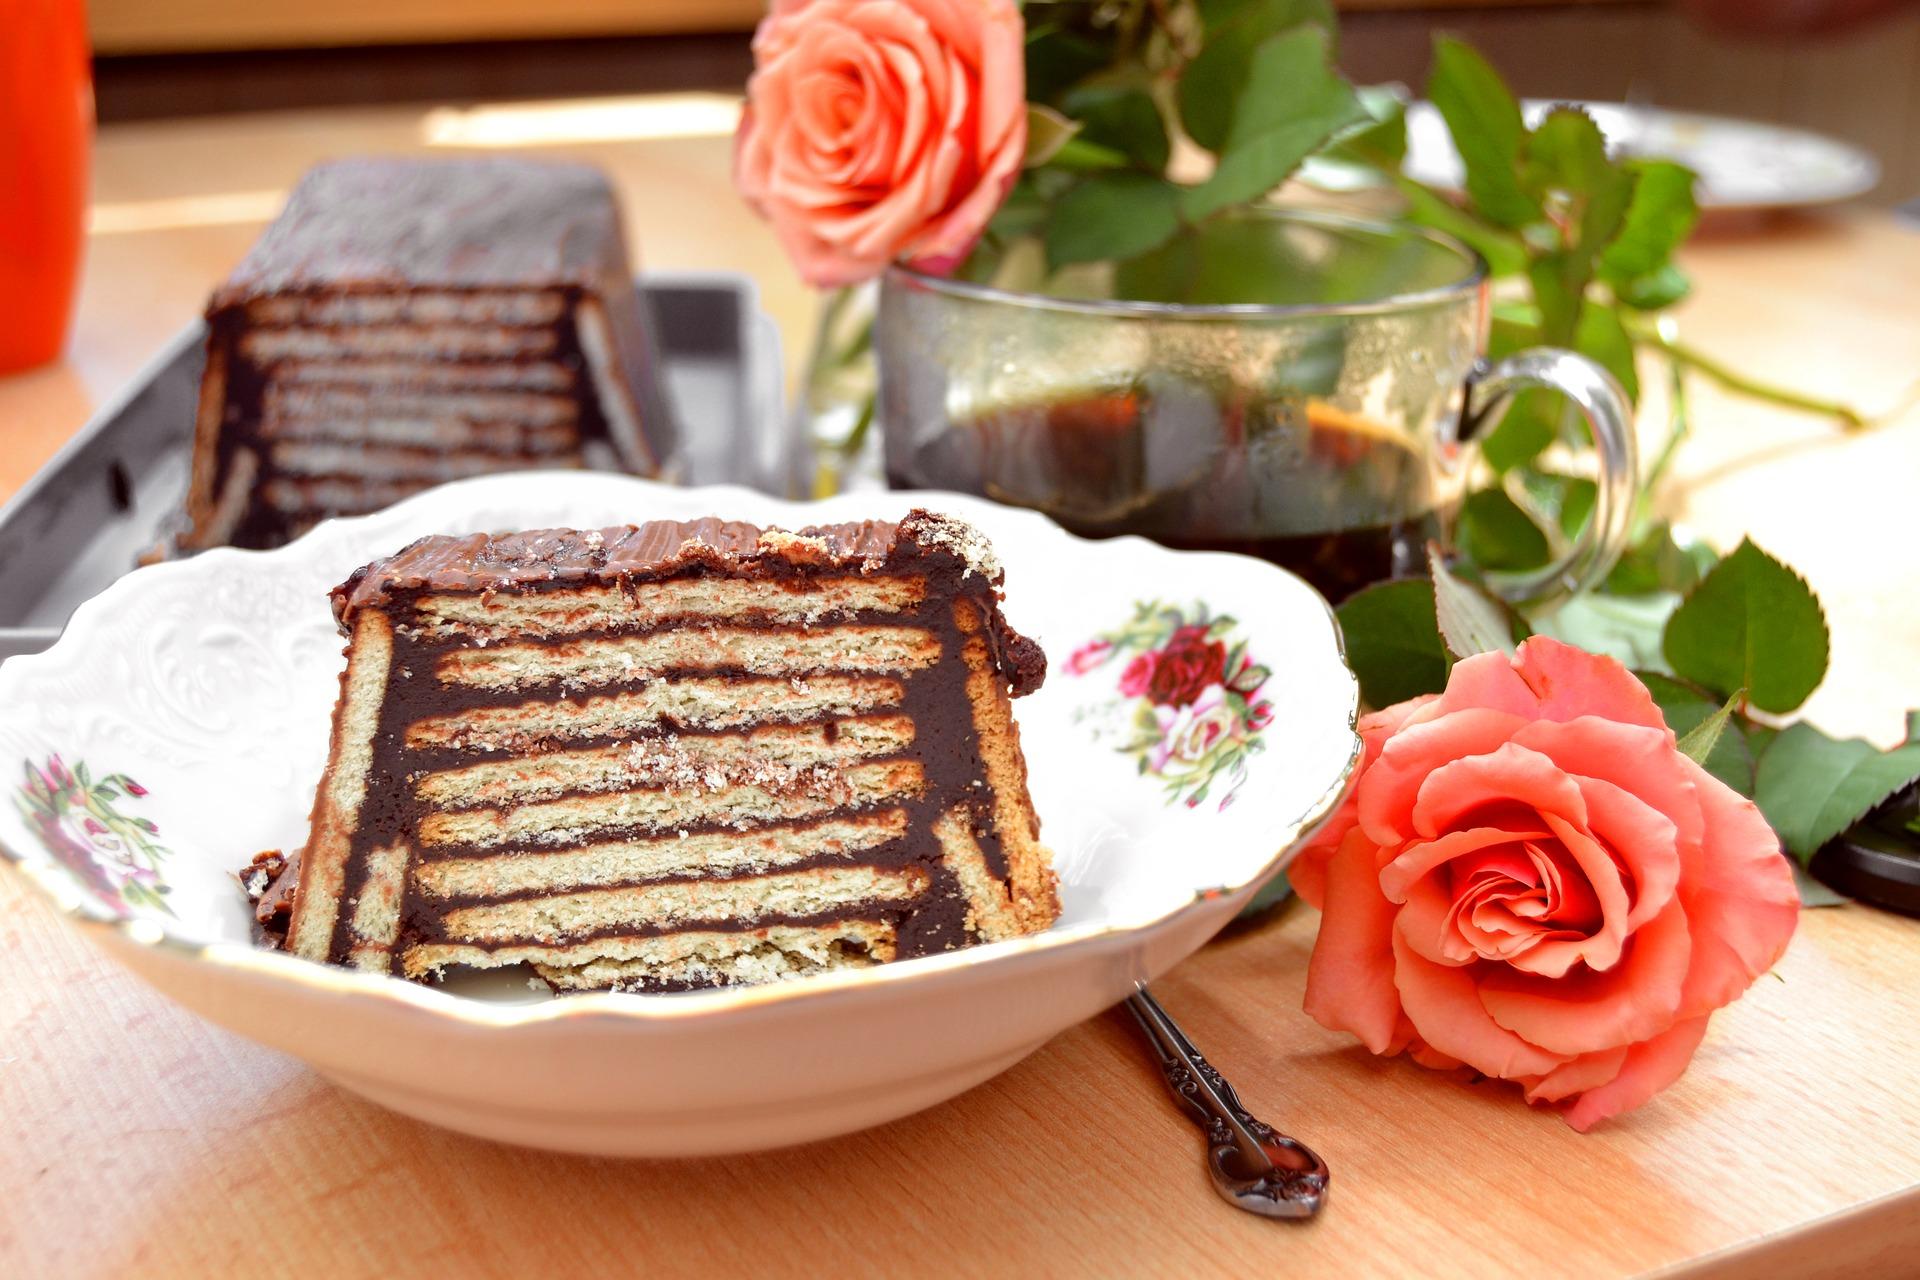 Vegan Chocolate Fudge Biscuit Cake Recipe